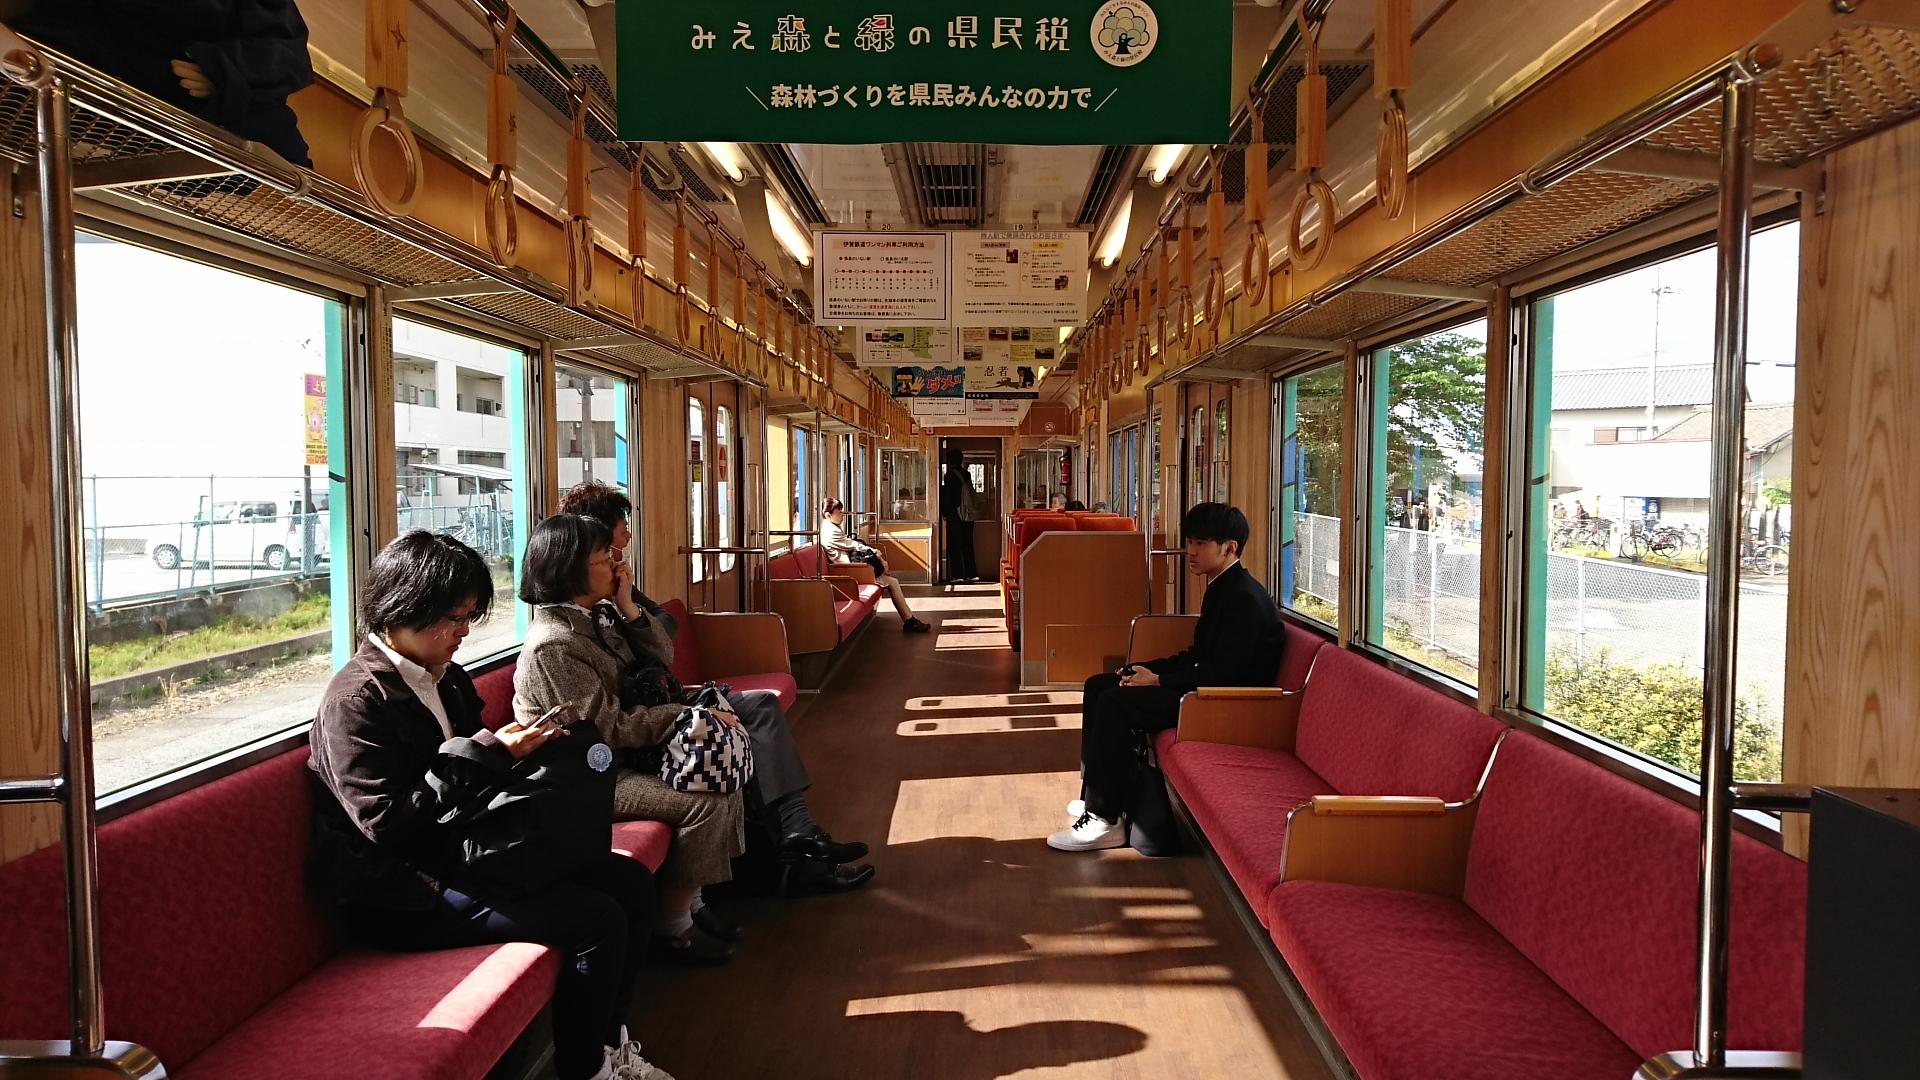 2018.4.26 上野 (36) 上野市いきふつう - 茅町 1920-1080